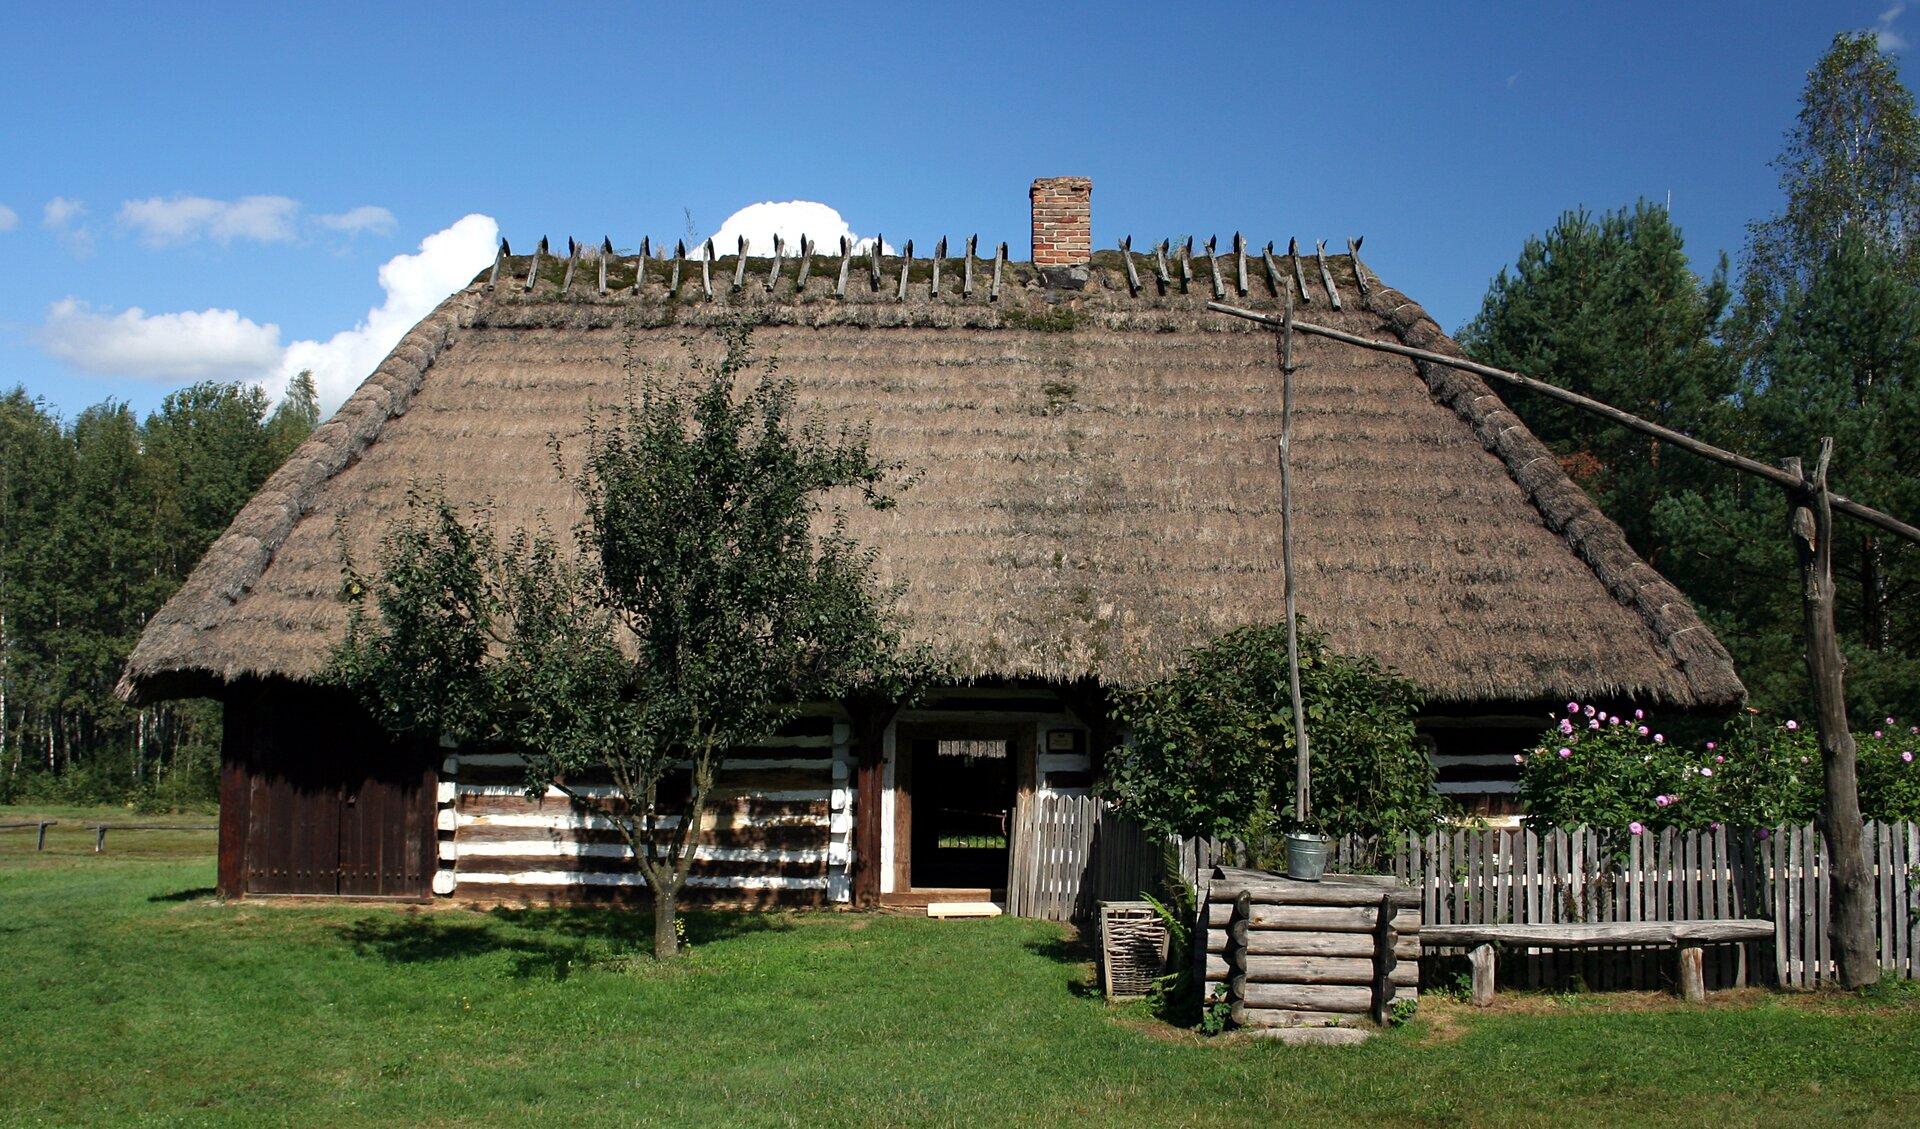 Fotografia prezentuje drewniany dom pokryty strzechą, typowy dla tradycyjnego budownictwa polskiego.